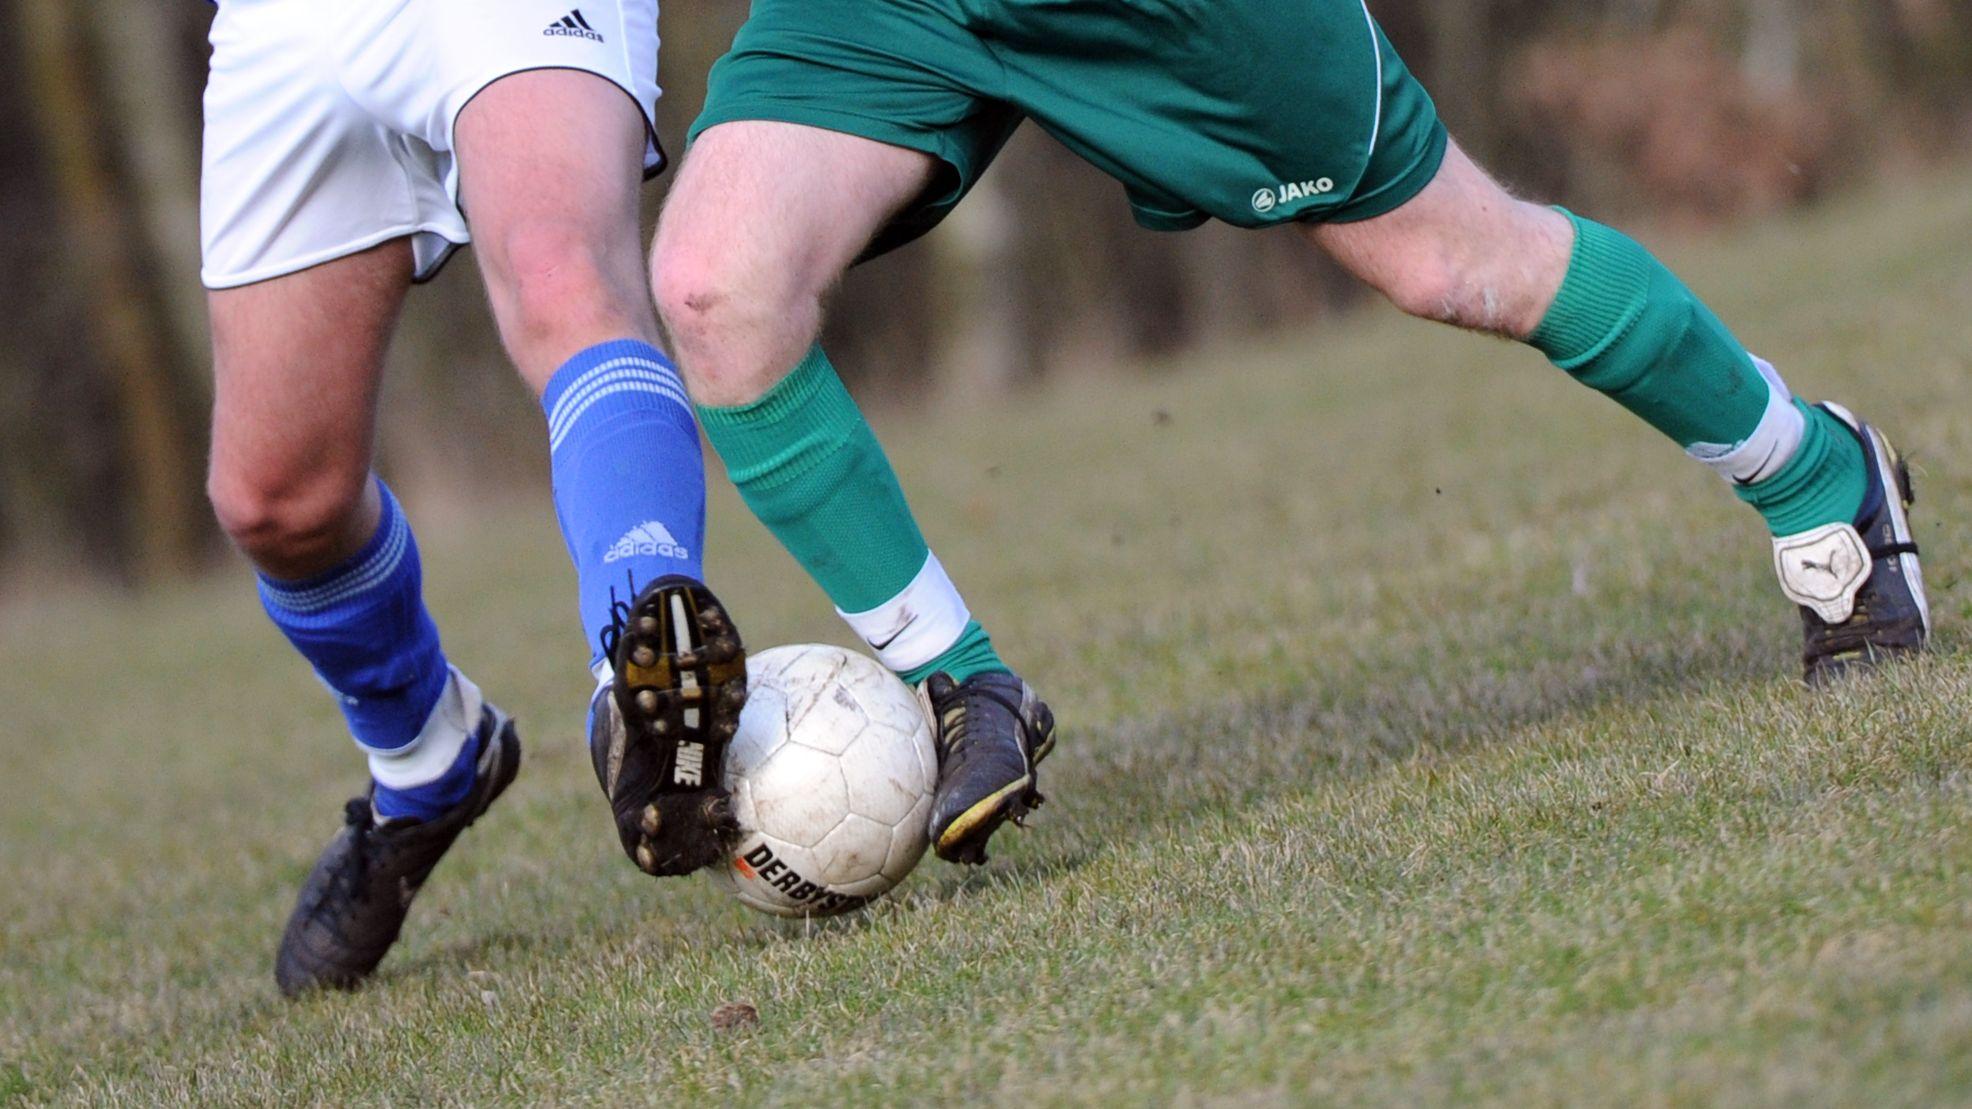 Beine von Amateurfußballern und Fußball